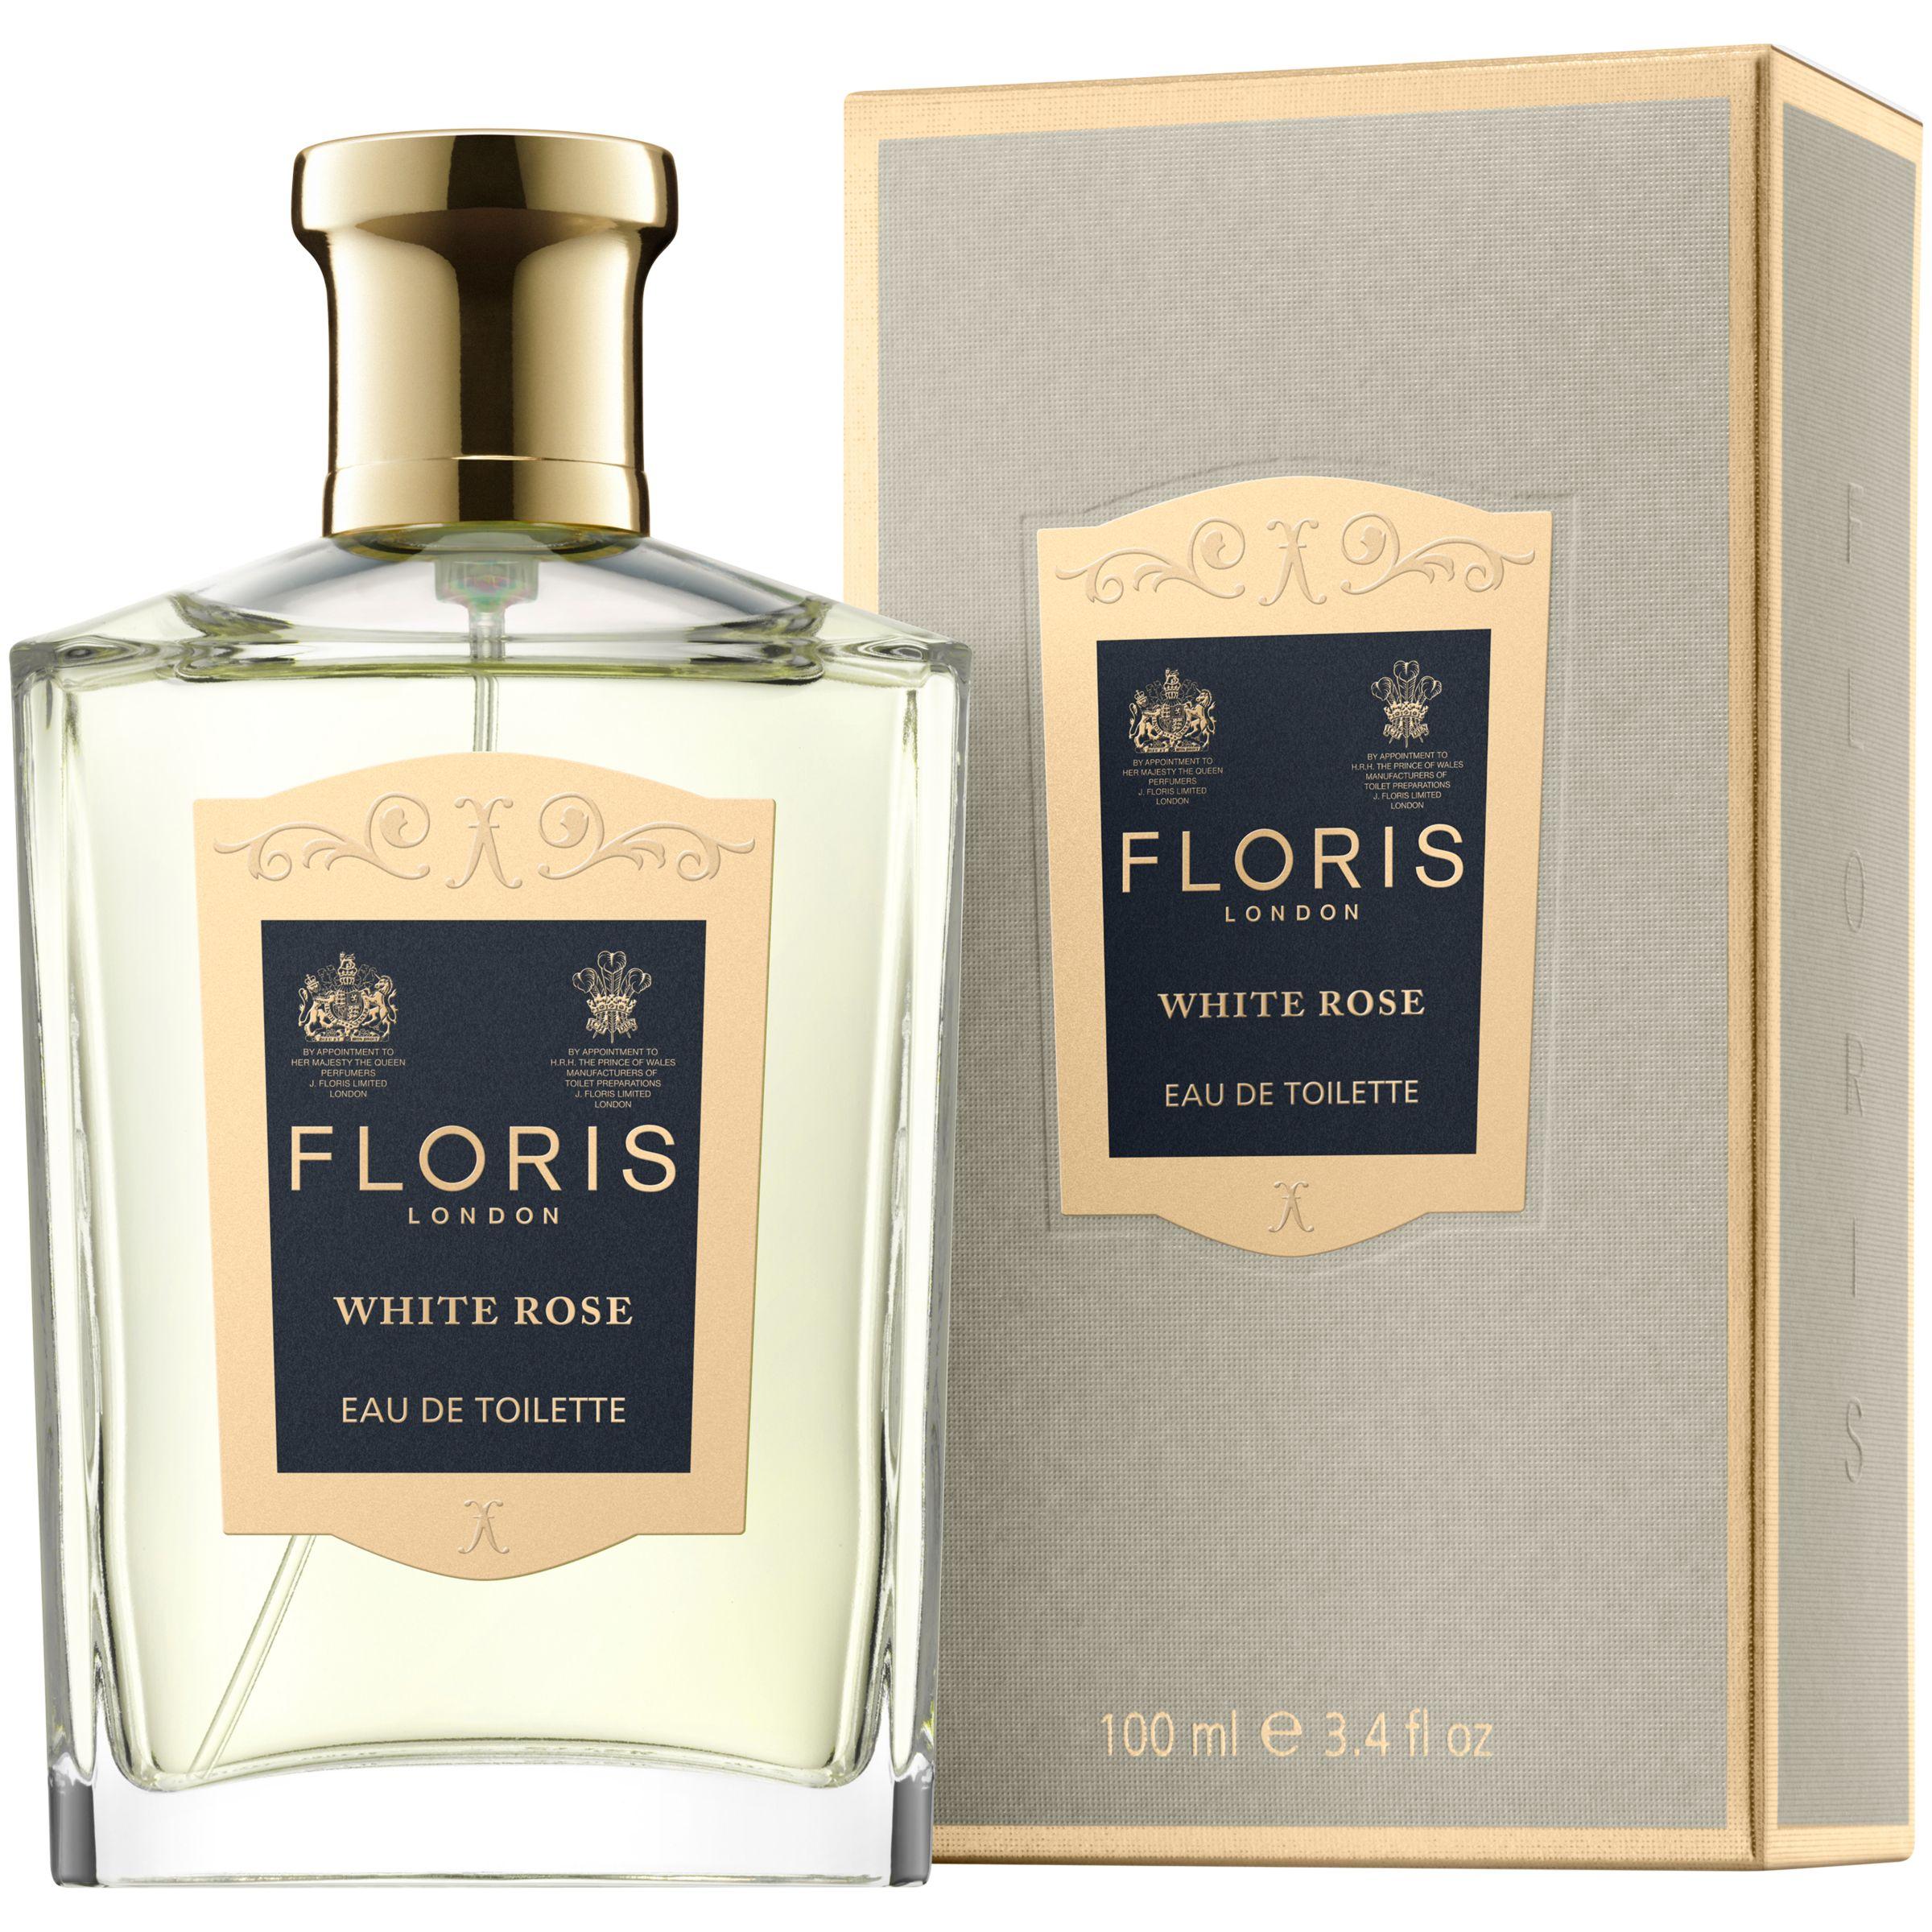 Floris Floris White Rose Eau de Toilette, 100ml